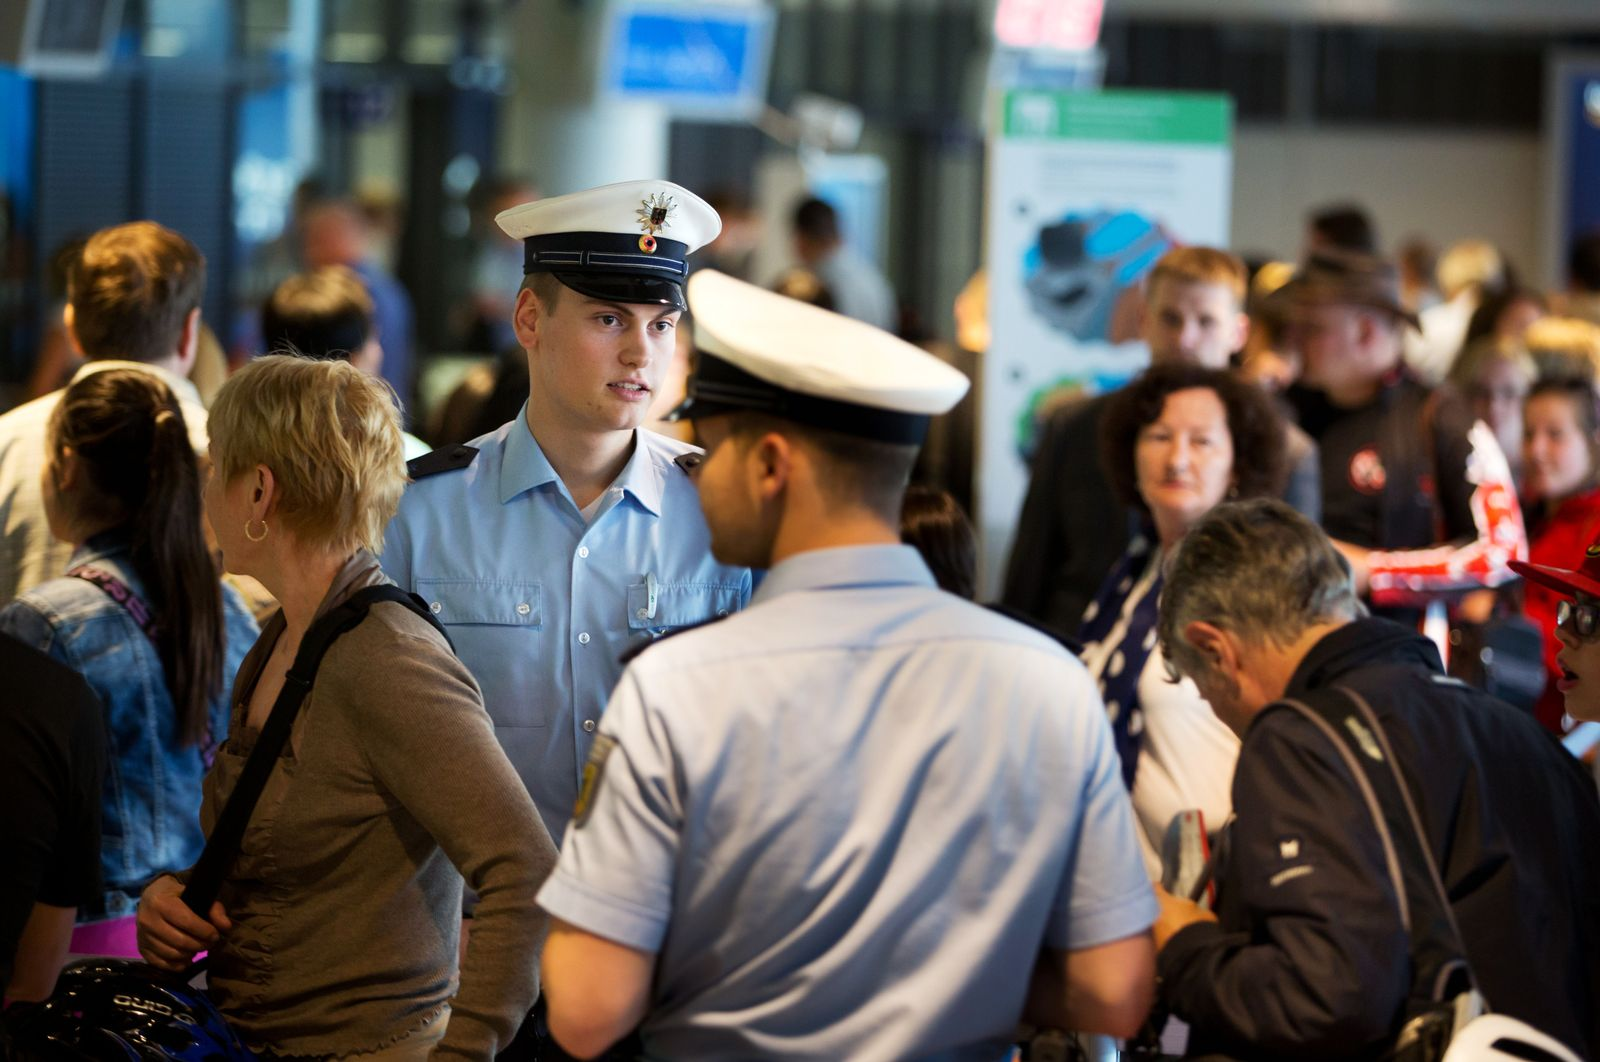 Kontrollen am Flughafen von Frankfurt/Main